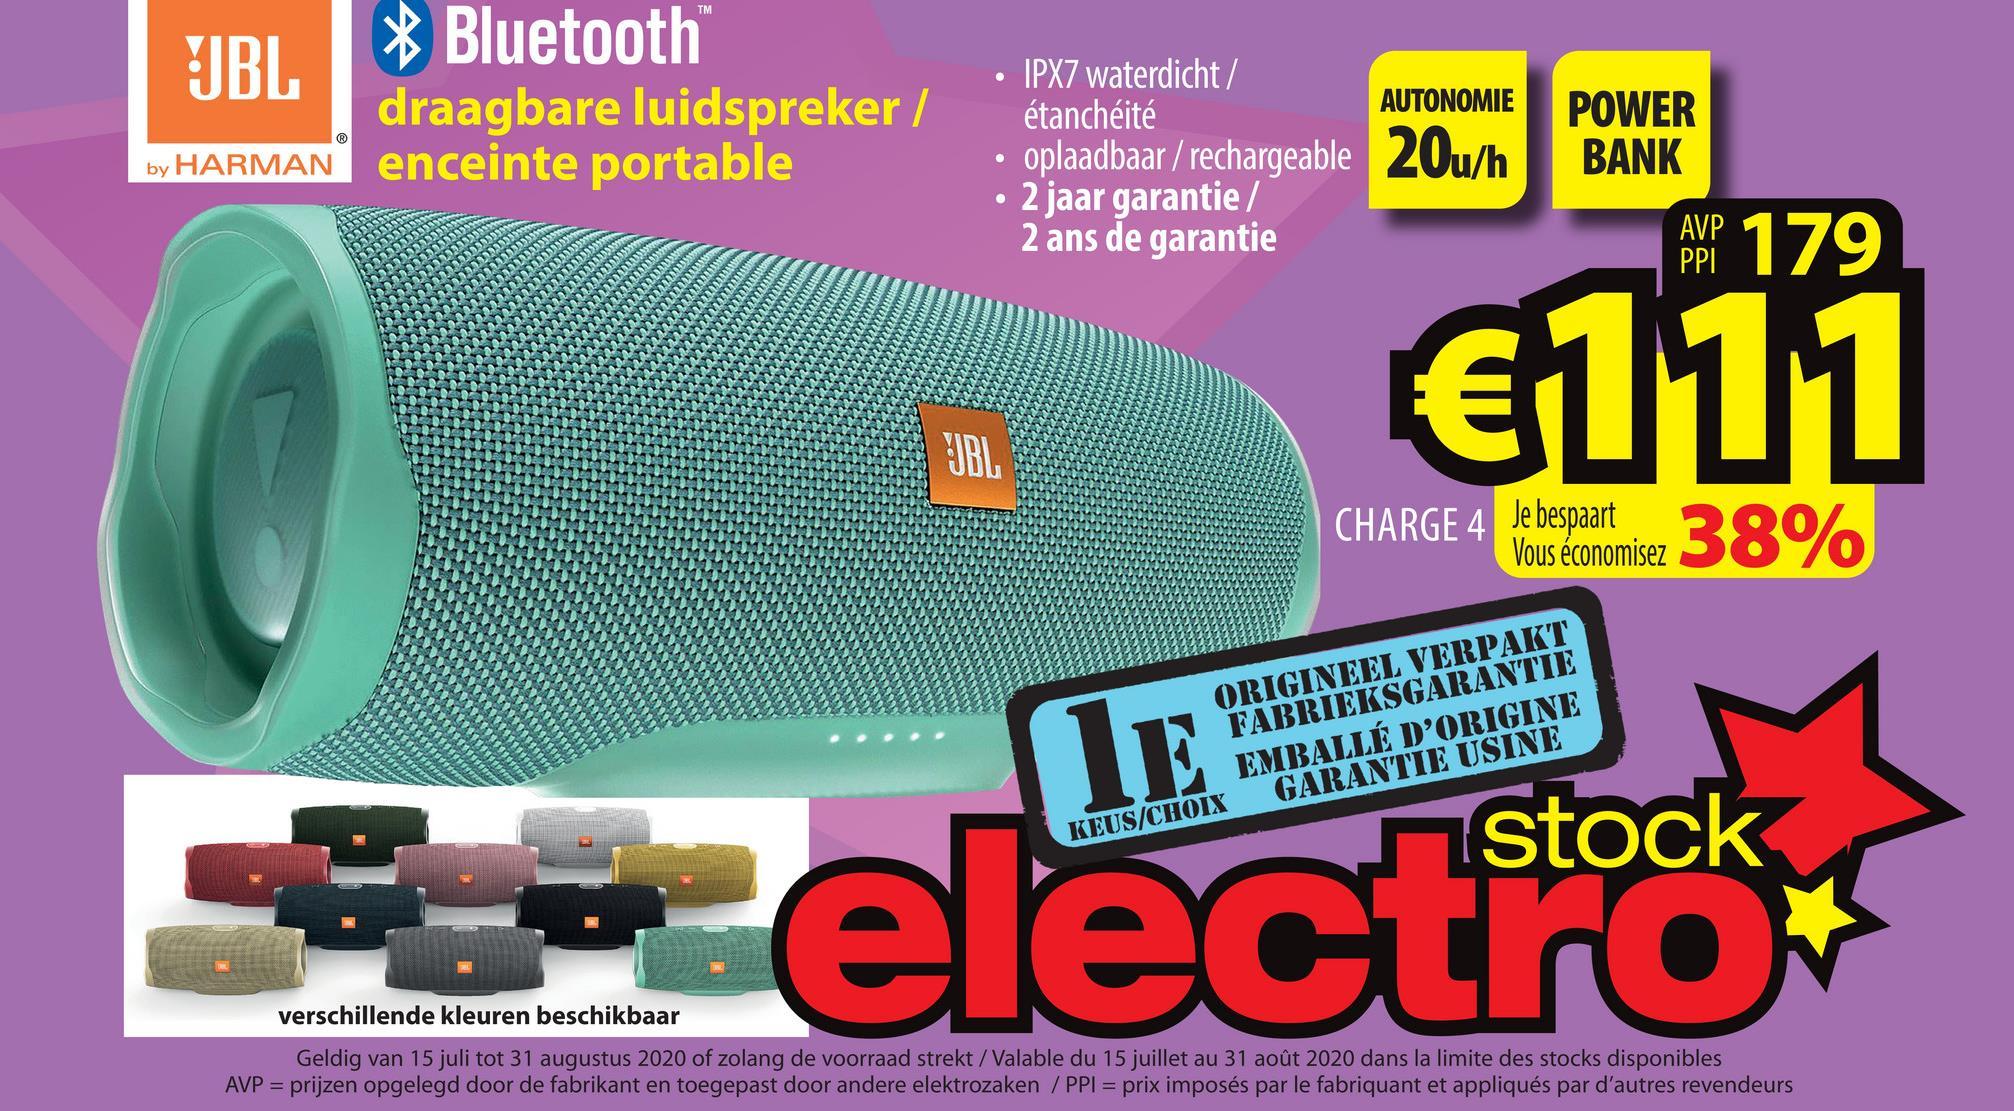 TM BL * Bluetooth draagbare luidspreker / by HARMAN enceinte portable IPX7 waterdicht / étanchéité AUTONOMIE • oplaadbaar / rechargeable 20u/h • 2 jaar garantie / 2 ans de garantie POWER BANK AVP PPI €111 UBL CHARGE 4 Je bespaart Vous économisez ORIGINEEL VERPAKT FABRIEKSGARANTIE EMBALLÉ D'ORIGINE KEUS/CHOIX GARANTIE USINE e verschillende kleuren beschikbaar Geldig van 15 juli tot 31 augustus 2020 of zolang de voorraad strekt/Valable du 15 juillet au 31 août 2020 dans la limite des stocks disponibles AVP = prijzen opgelegd door de fabrikant en toegepast door andere elektrozaken/PPI = prix imposés par le fabriquant et appliqués par d'autres revendeurs